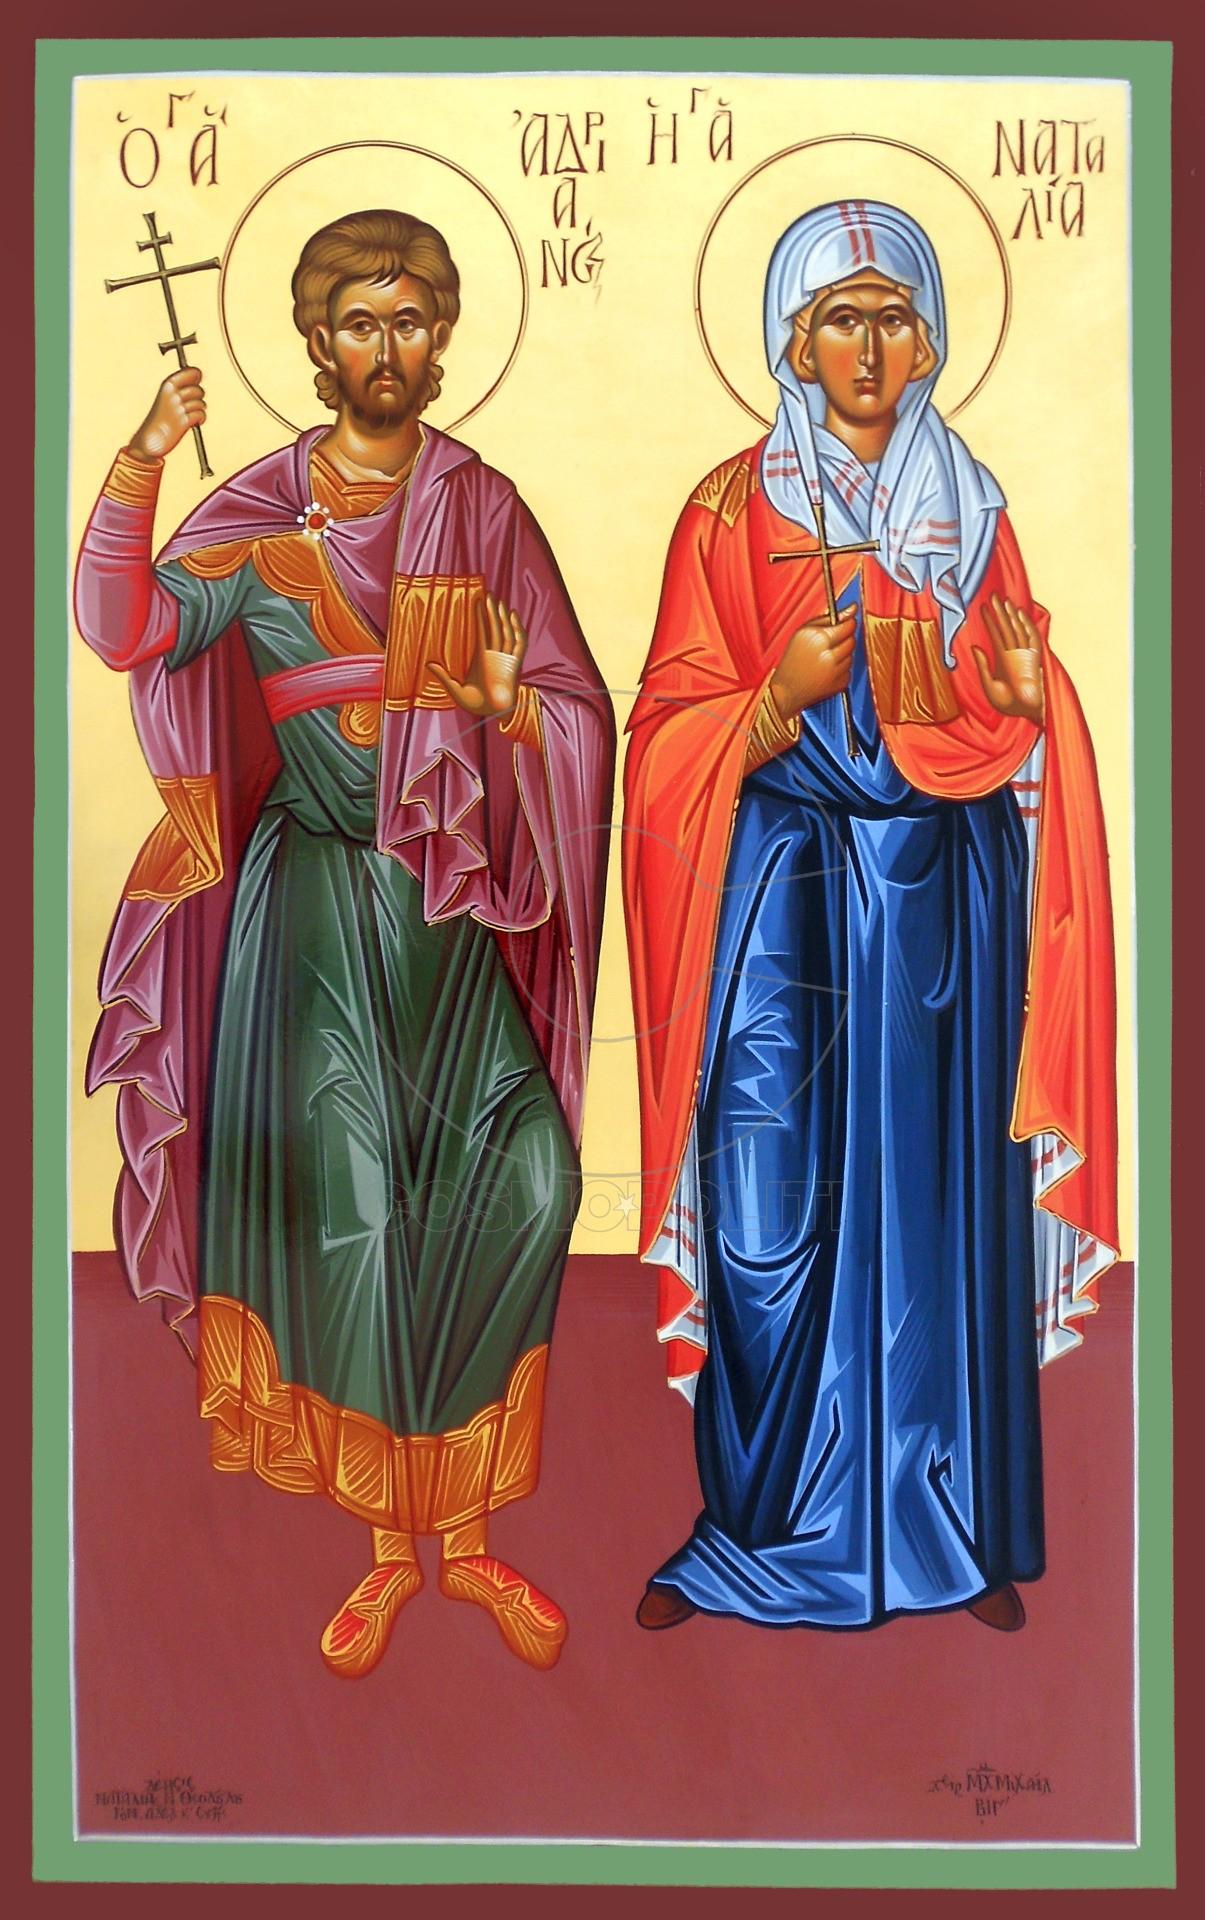 """Ο Άγιος Αδριανός κ´ η Αγία Ναταλία, Saint Hadrian and 'Holy Natalia, Санкт Адриана и """"Святая Наталия"""